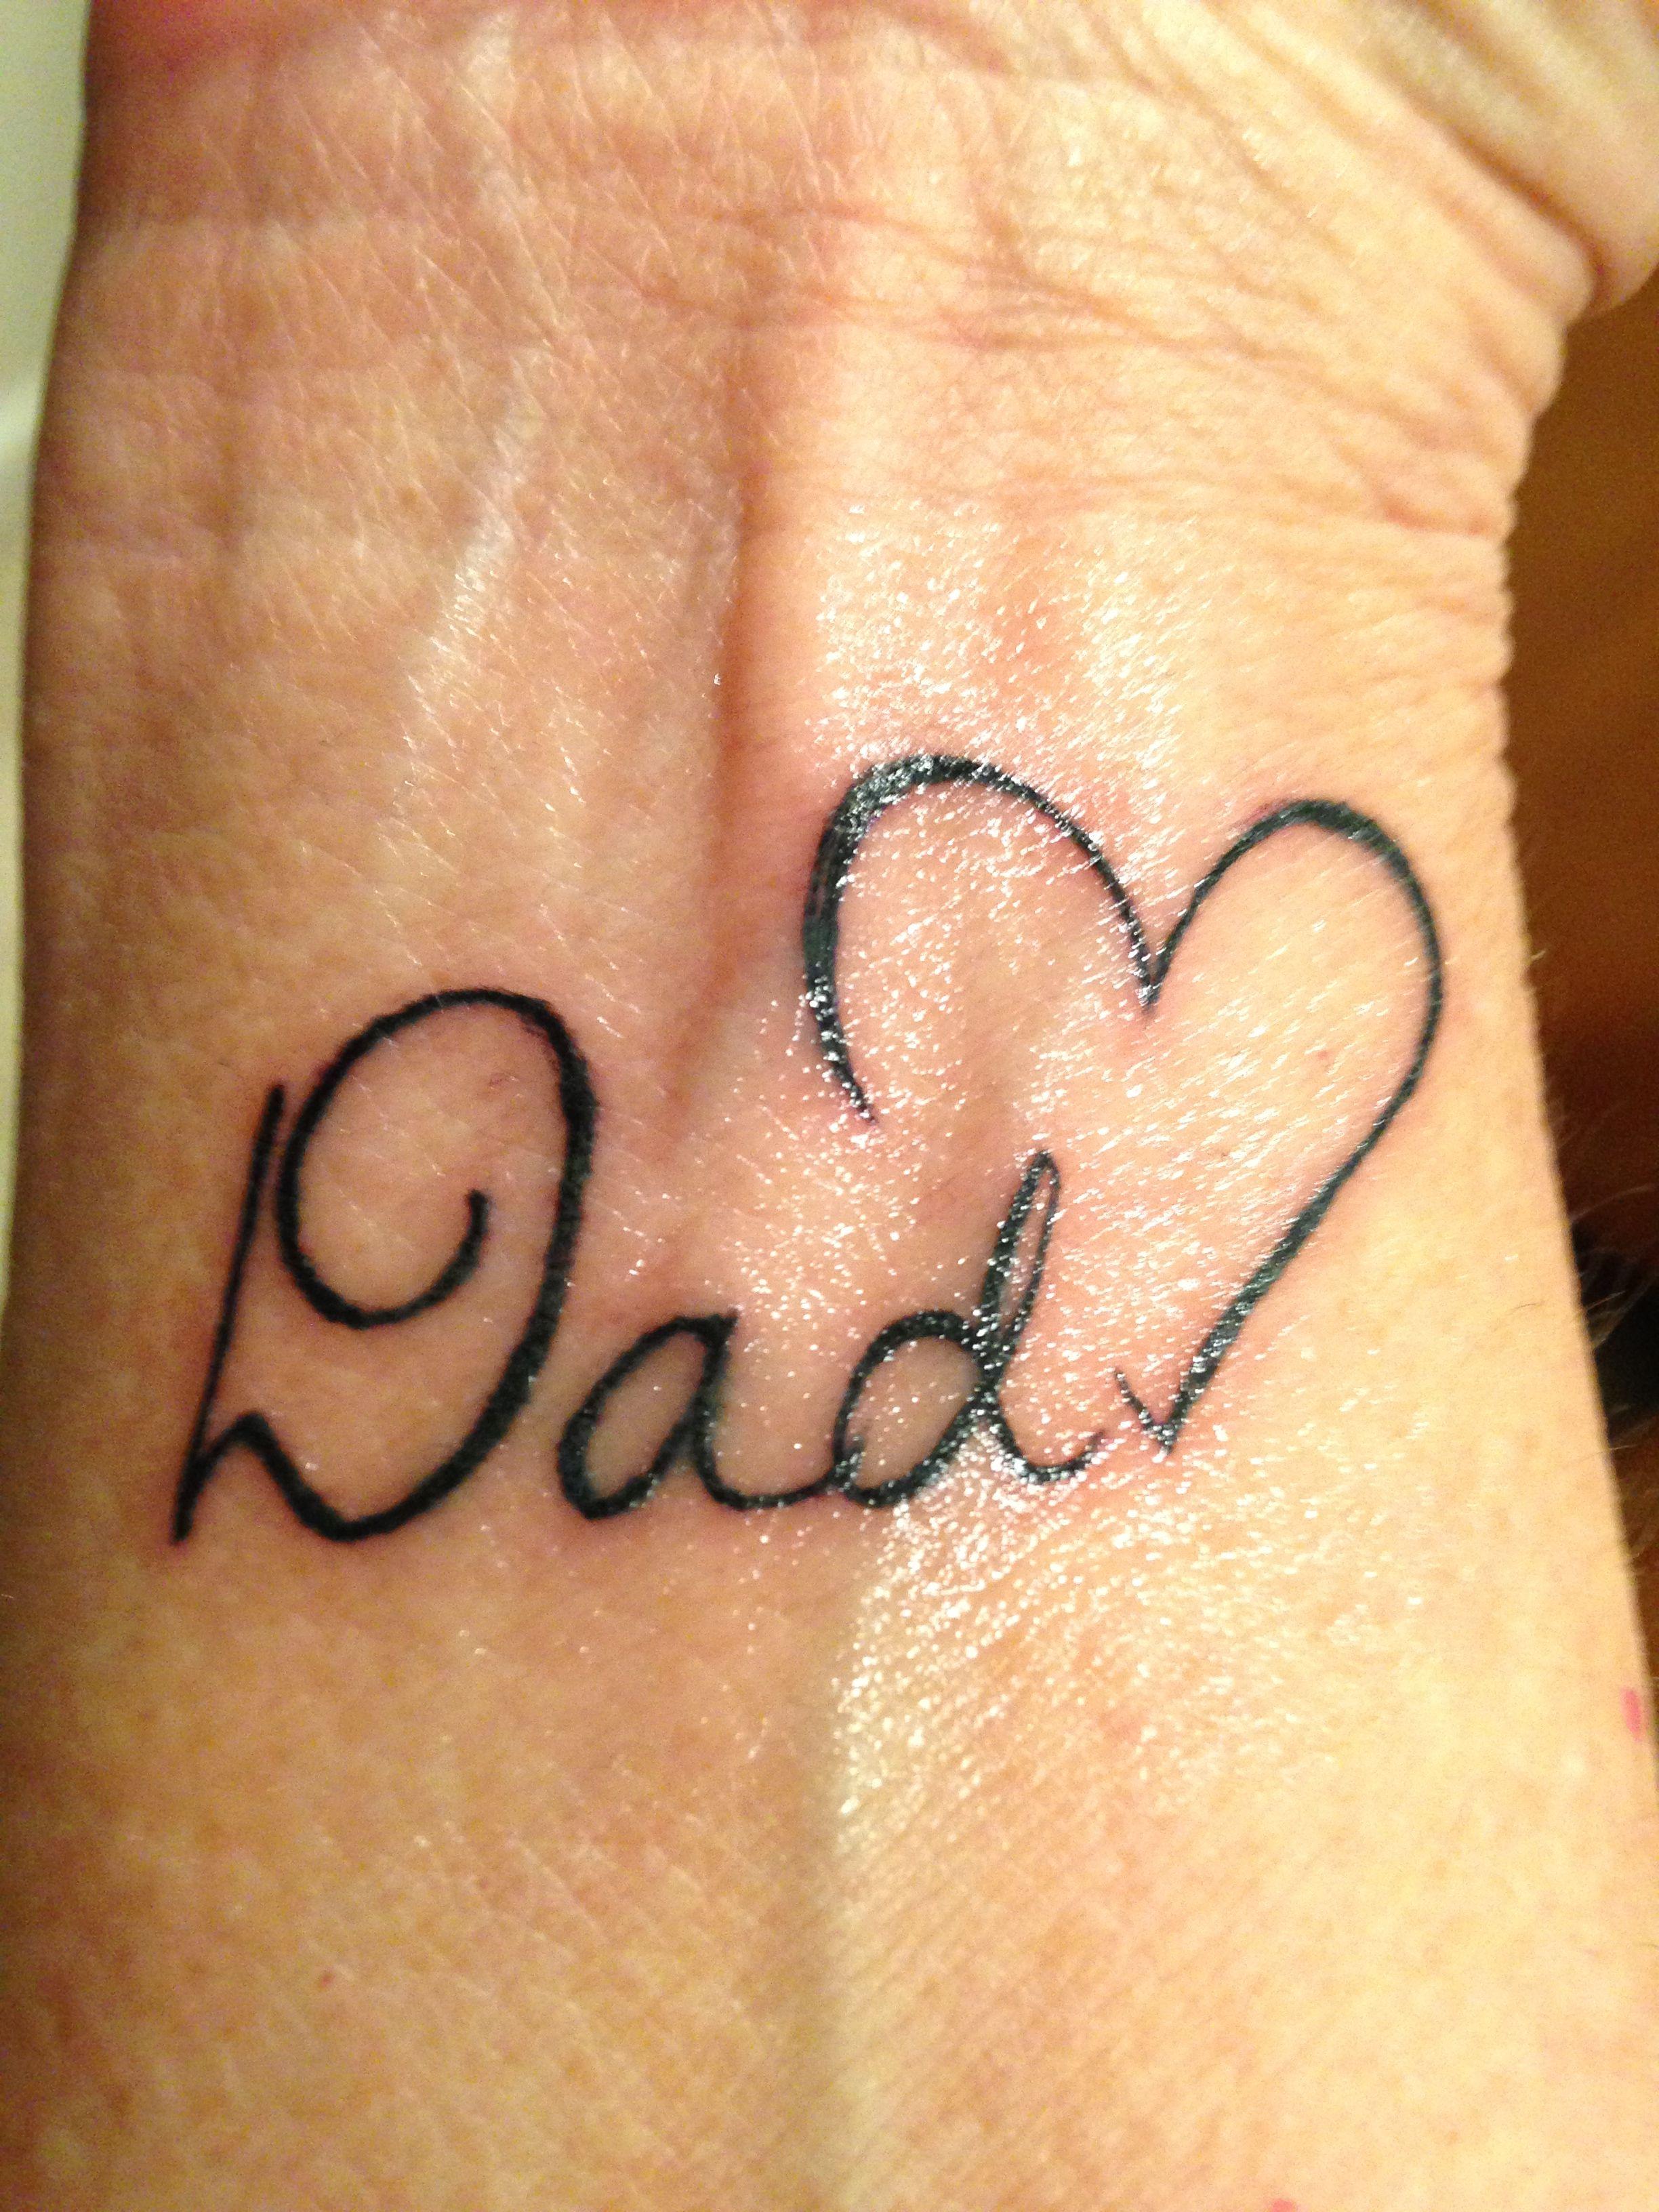 Download Free In Memory Of My Dad Tattoos Piercings